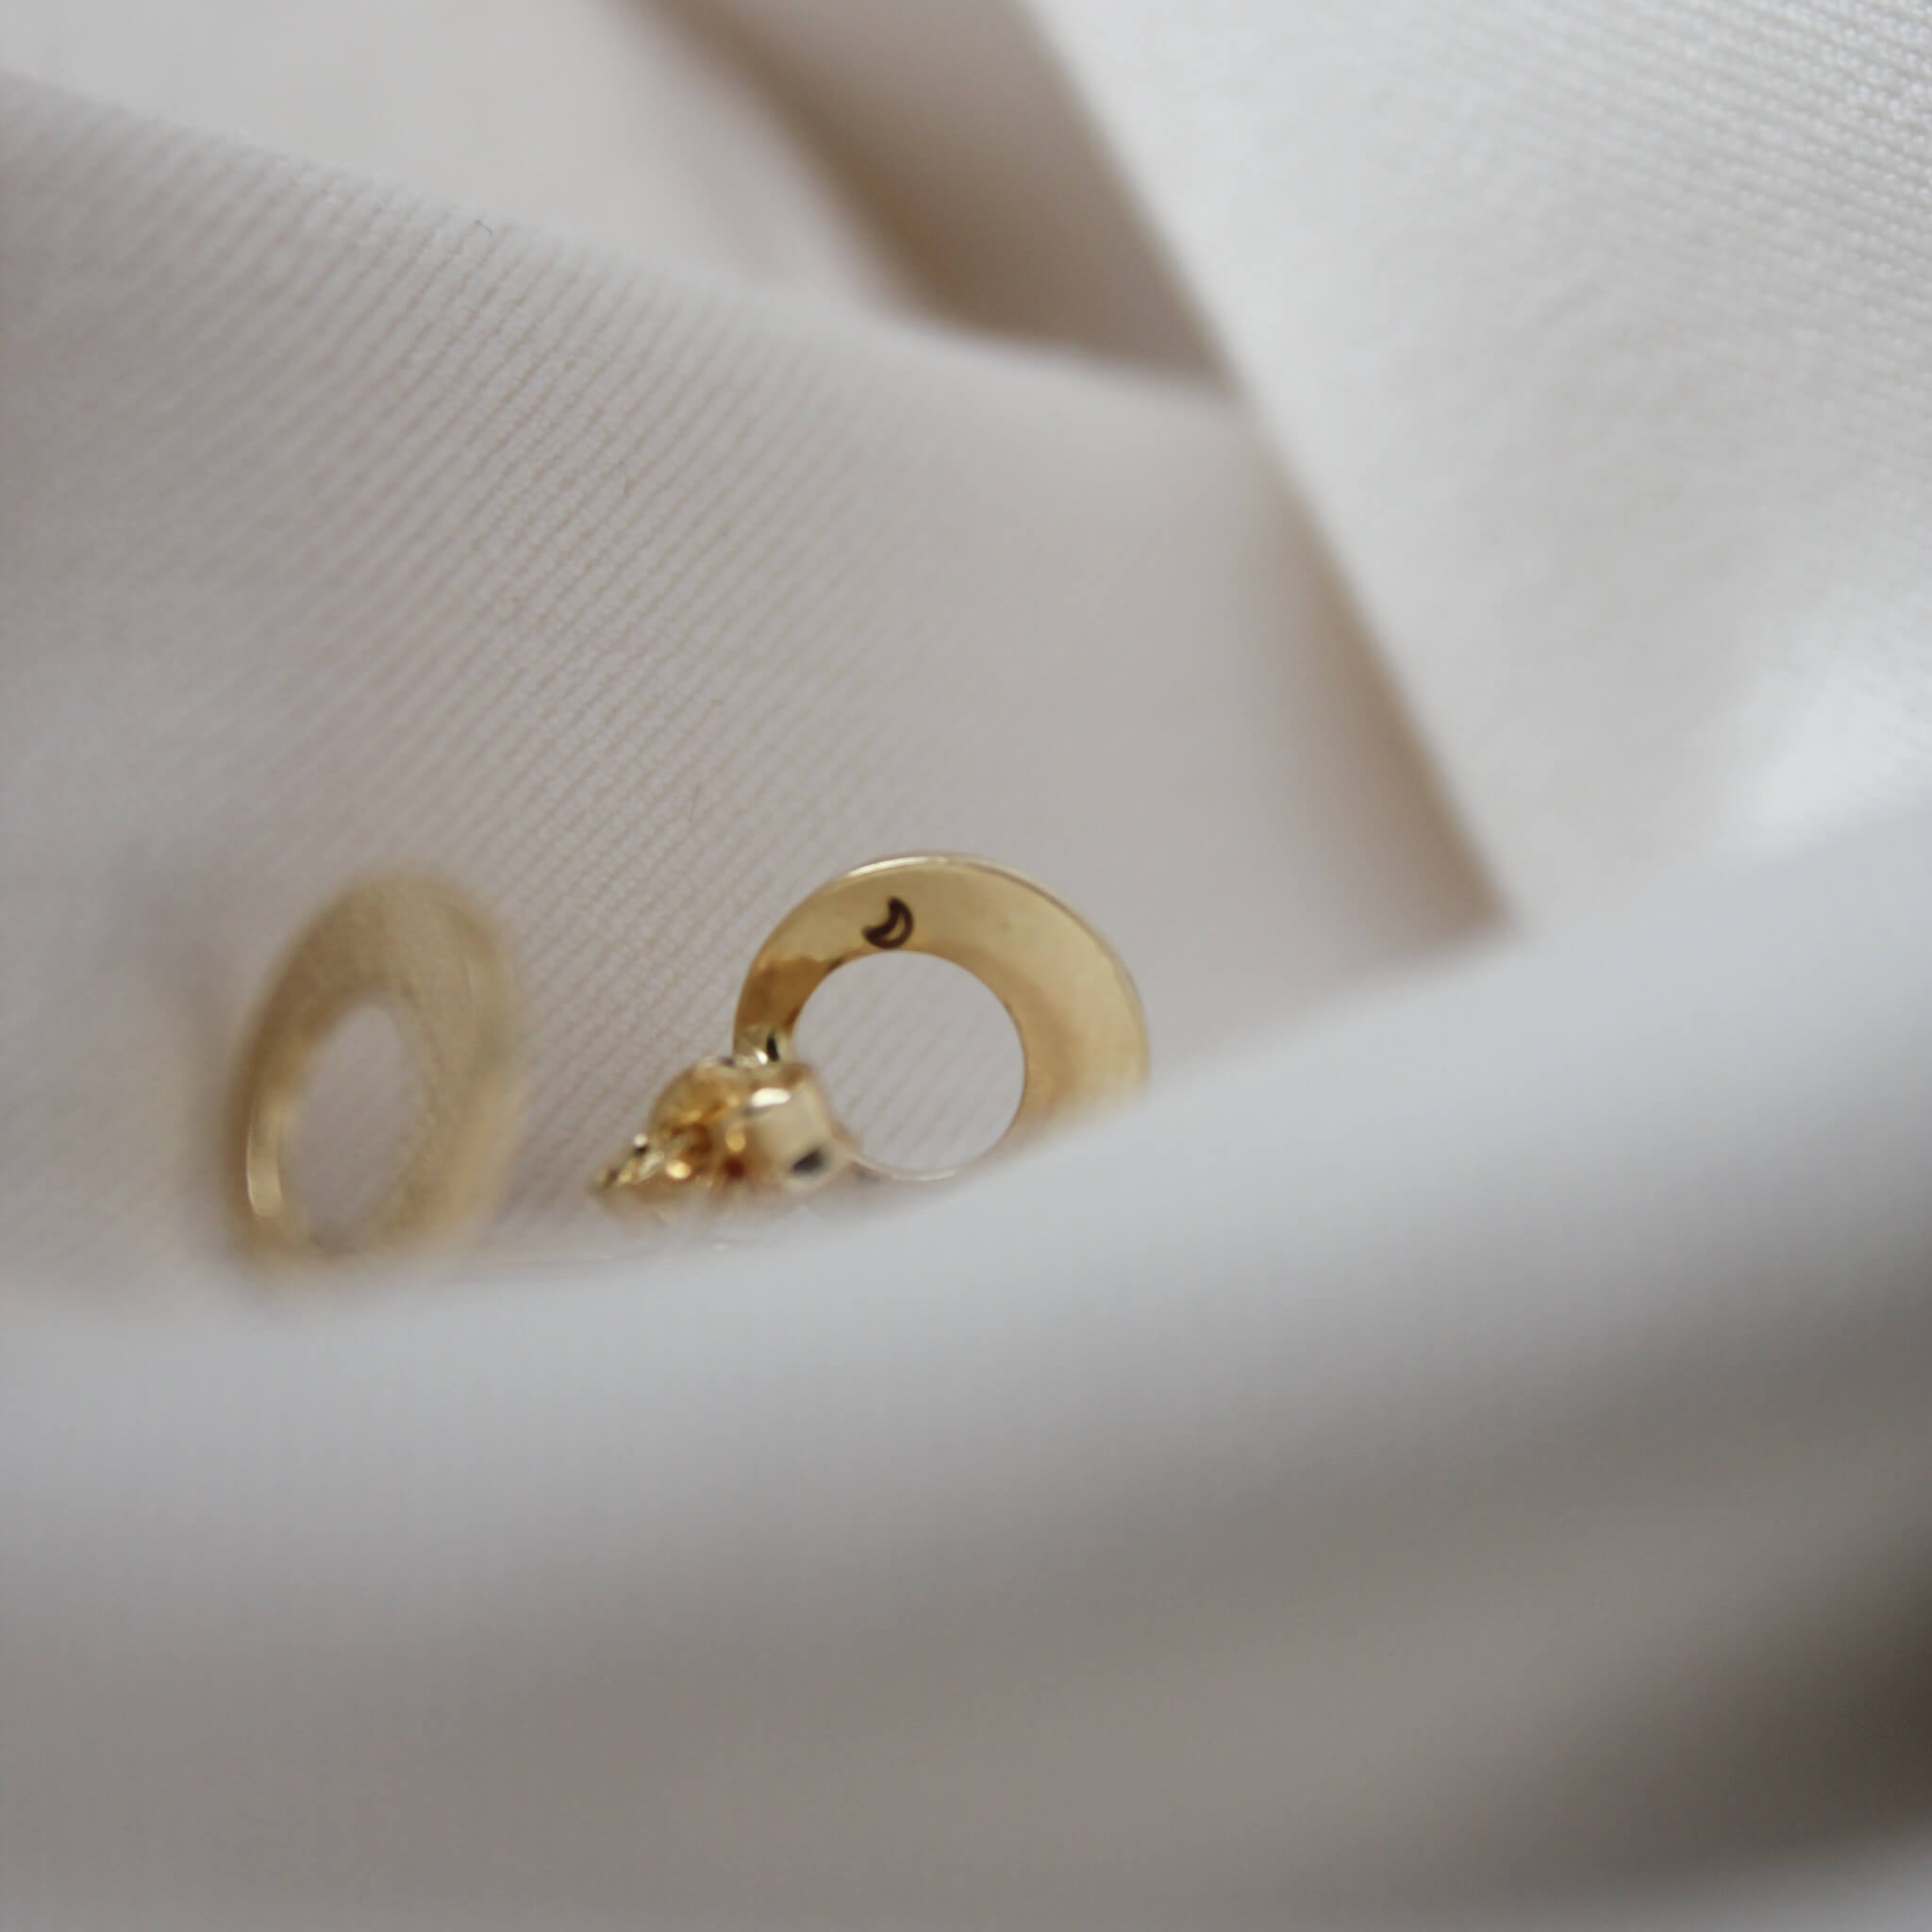 Minimalistyczne złote kolczyki na jasnym materiale z wygrawerowanym Księżycem.